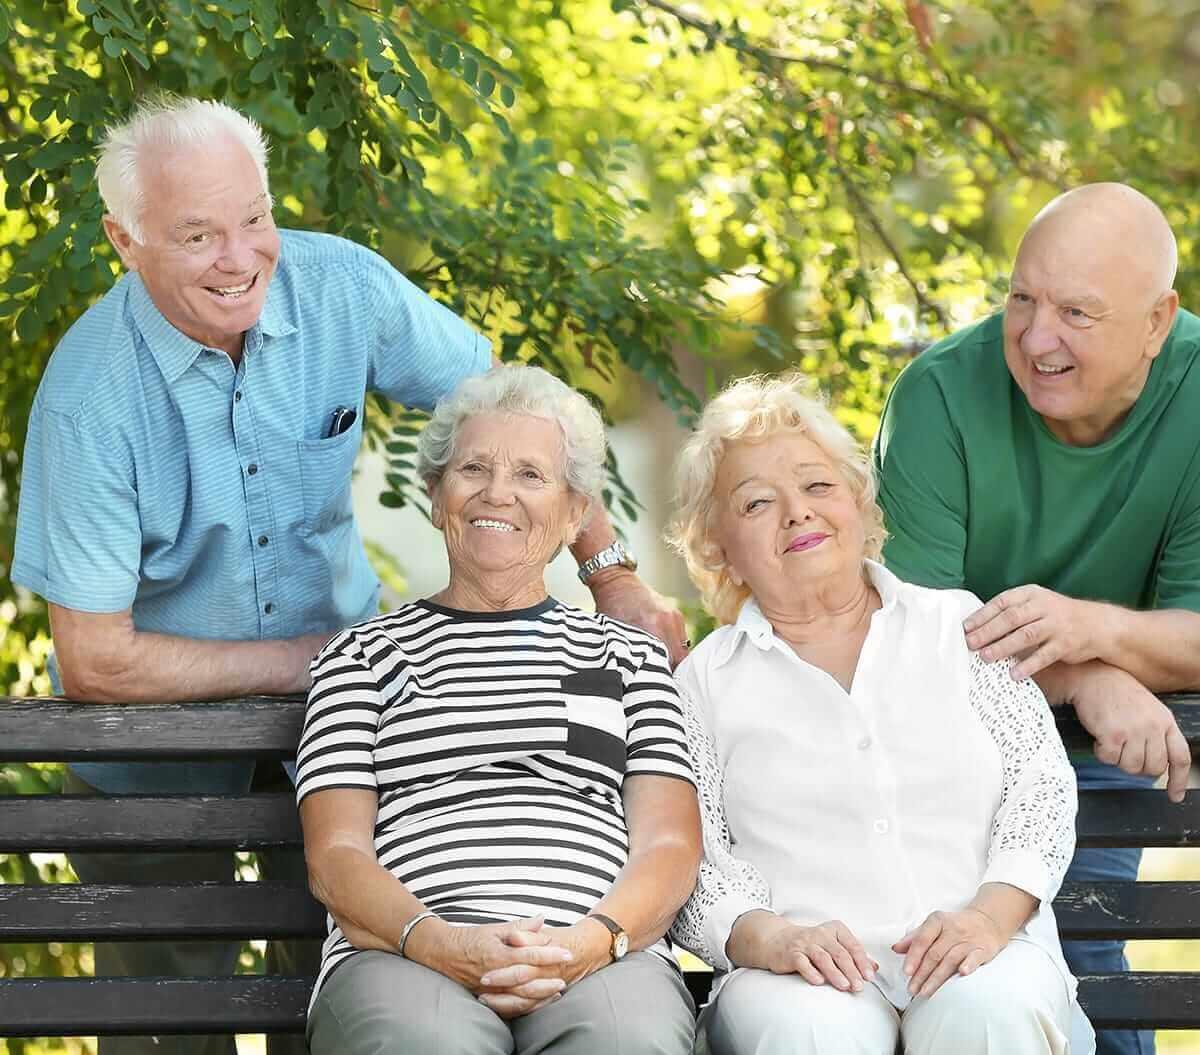 two senior couples enjoying the outdoors